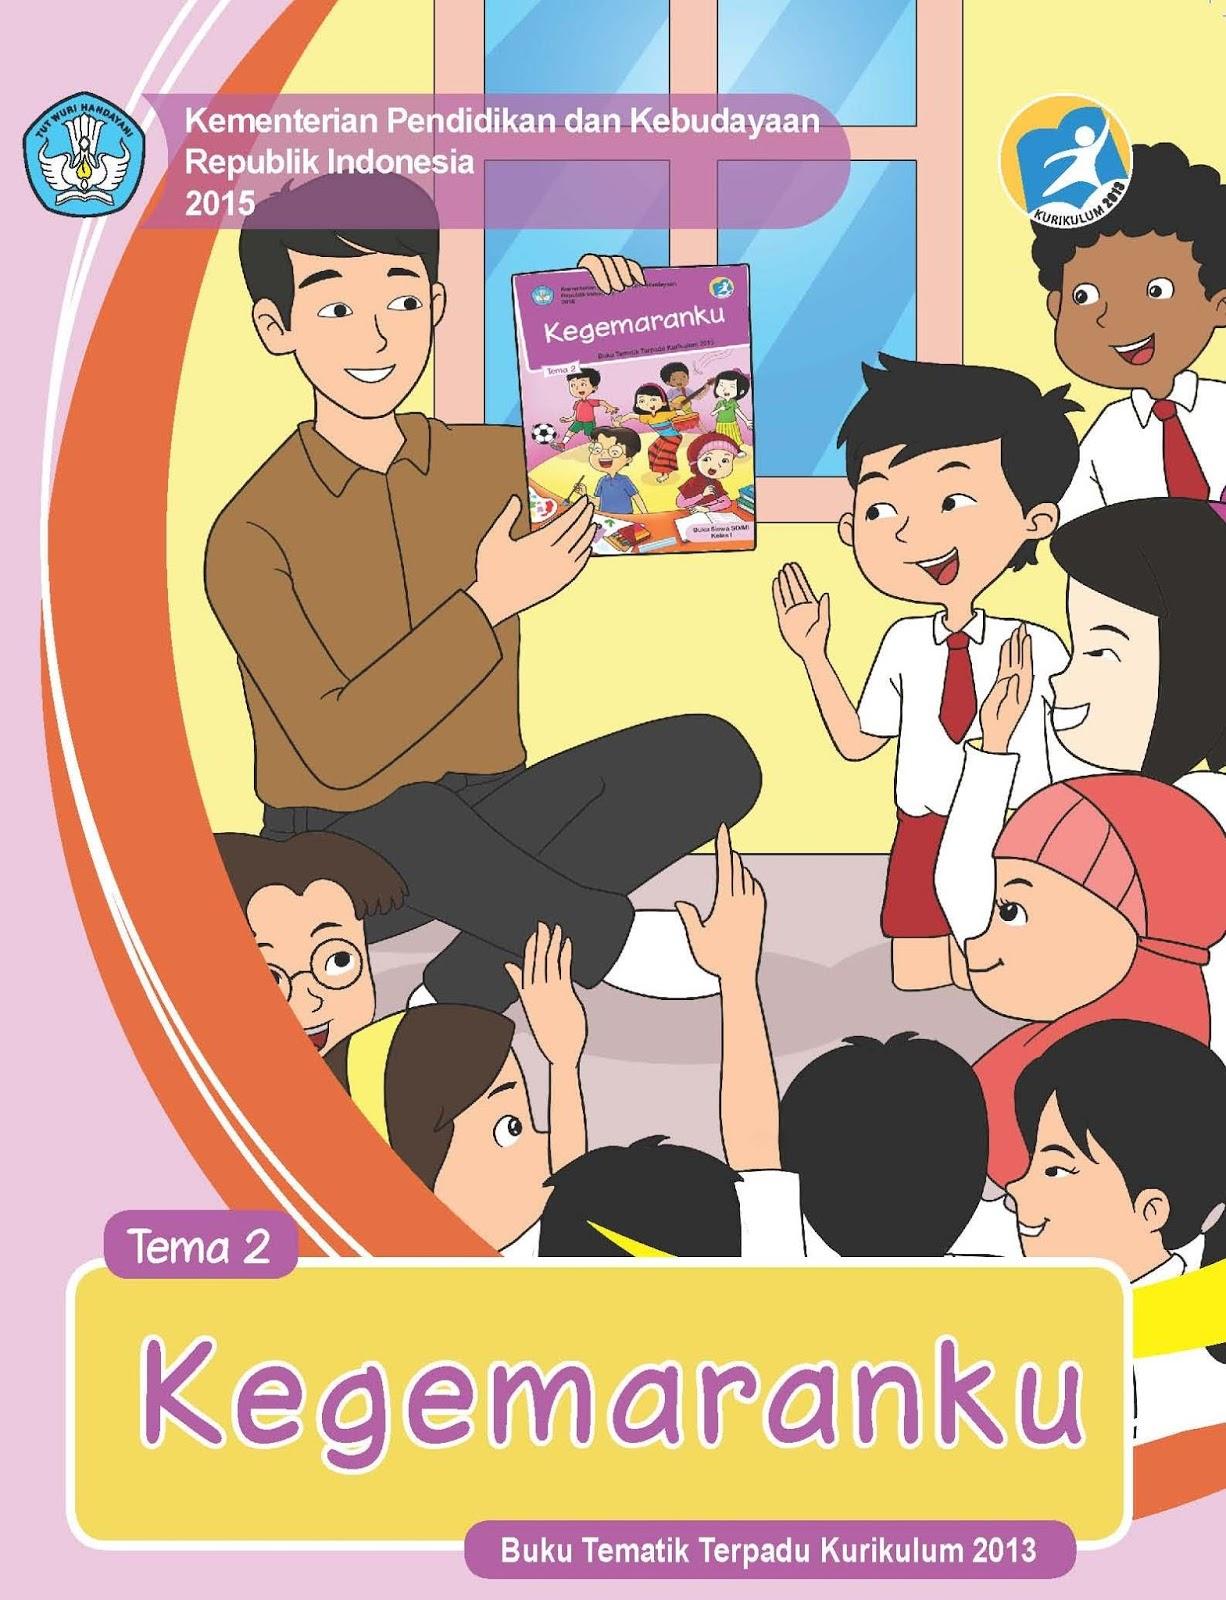 Rpp Kurikulum 2013 Sd Kelas 1 Tema 2 Kegemaranku : kurikulum, kelas, kegemaranku, Catatan:, Rencana, Pelaksanaan, Pembelajaran, (RPP), Kelas, Kurikulum, Kegemaranku